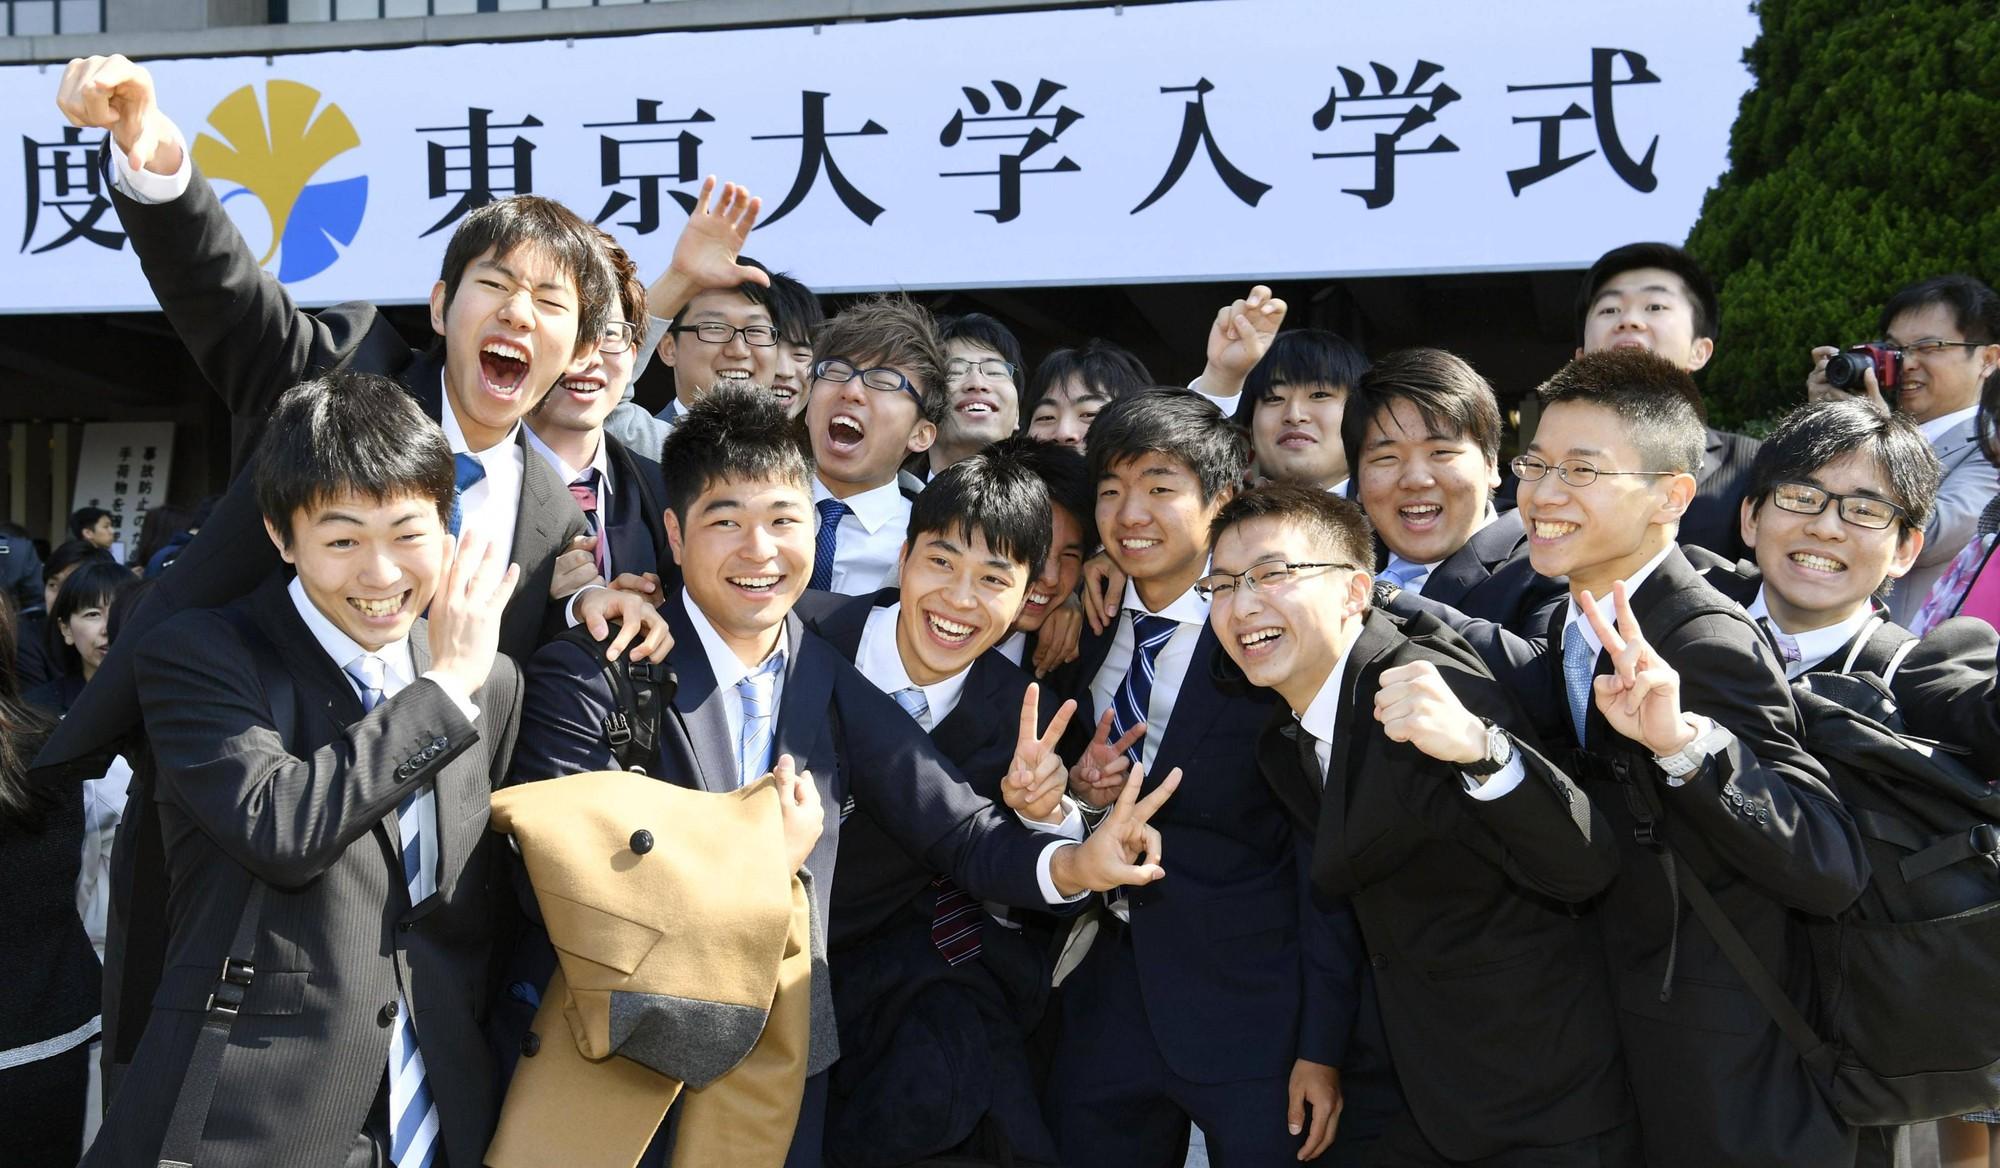 Giáo dục Nhật đi đầu thế giới vì họ dám dạy học sinh những điều mà không phải quốc gia nào cũng dám - Ảnh 1.